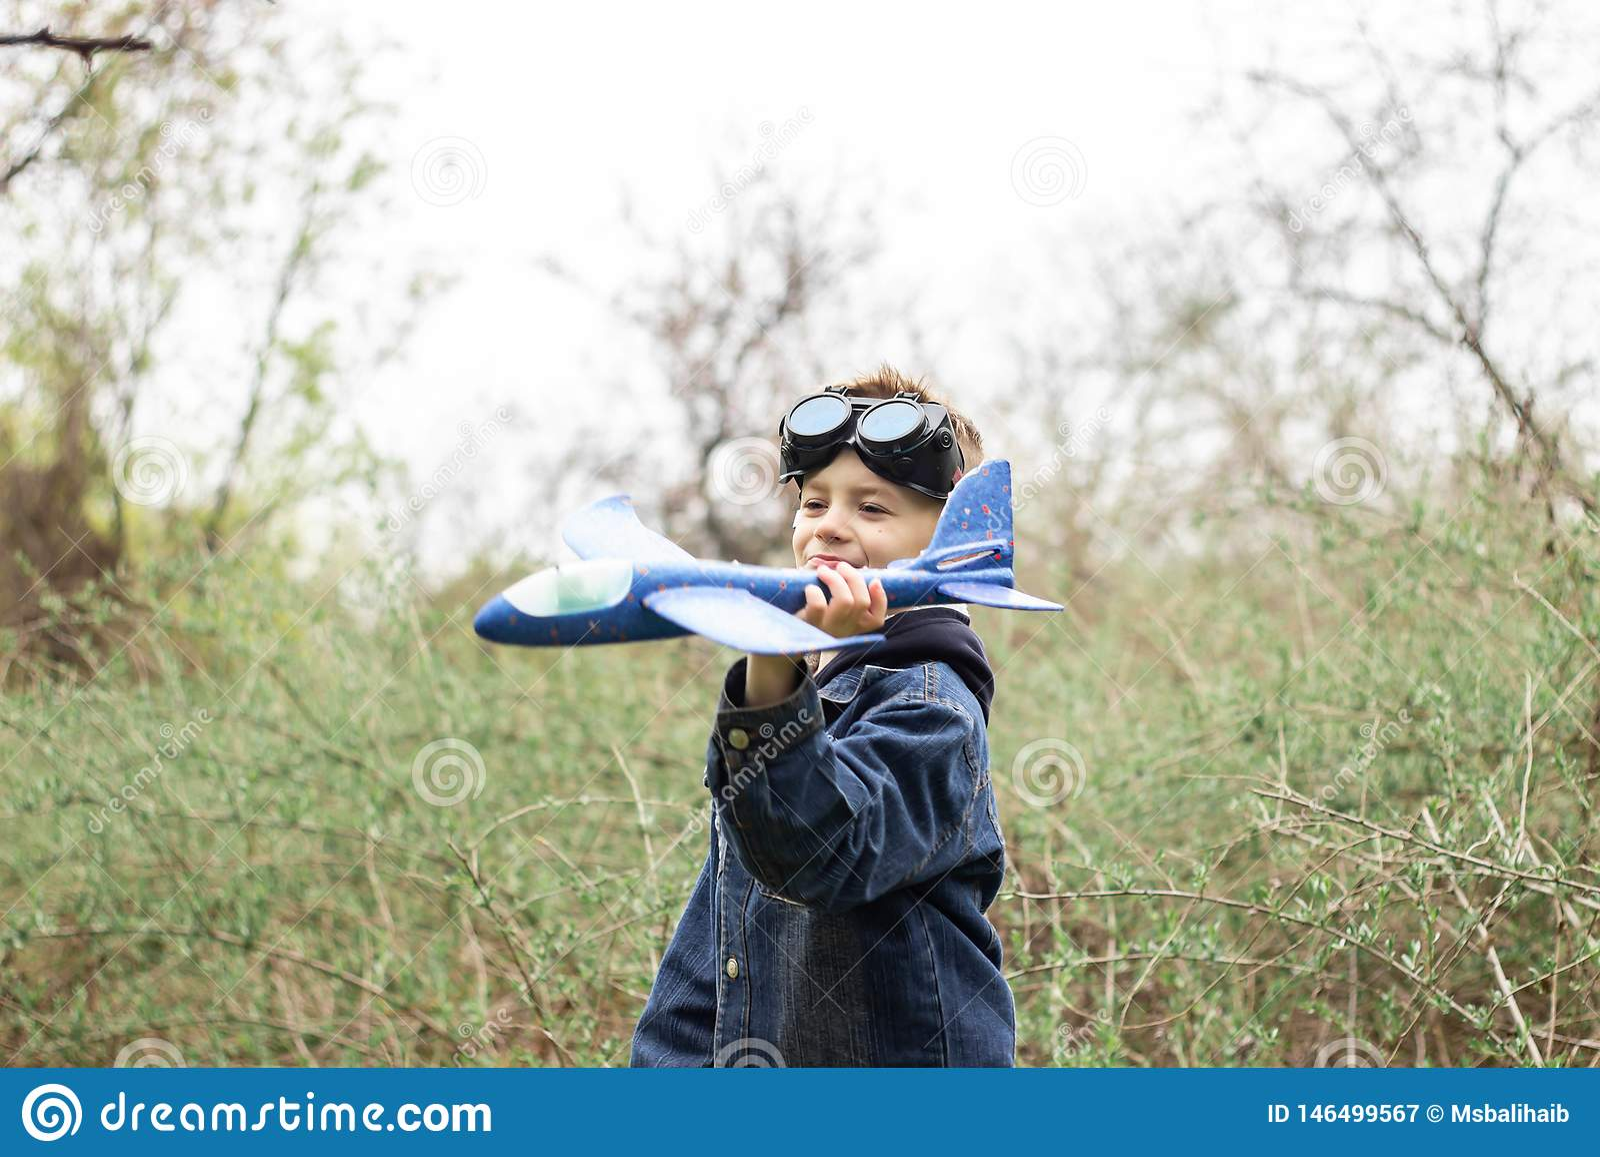 El muchacho pone en marcha un avi?n azul en el cielo en un bosque denso